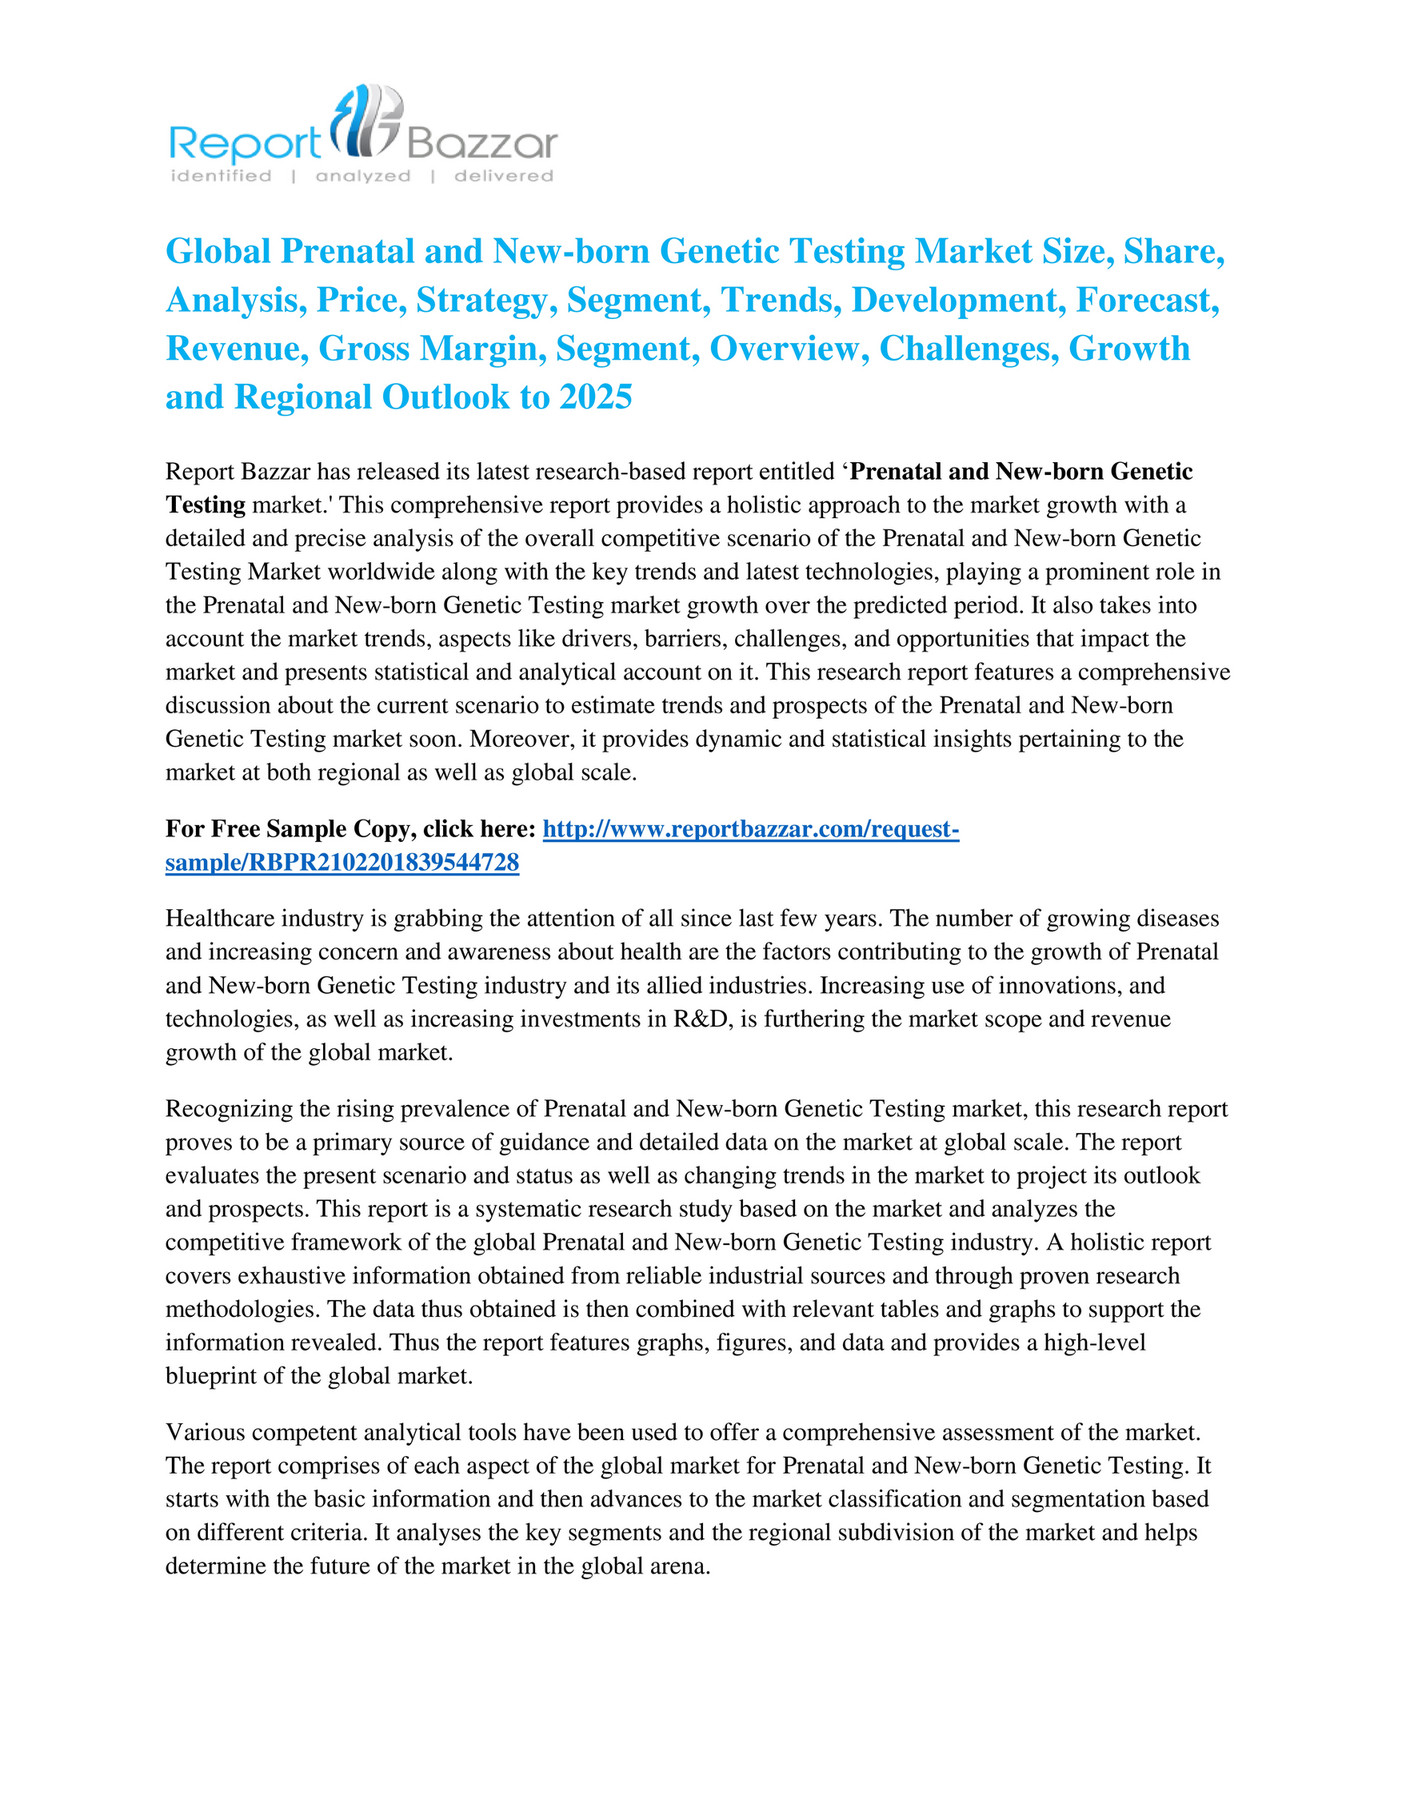 Report Bazzar - Global Prenatal and New-born Genetic Testing